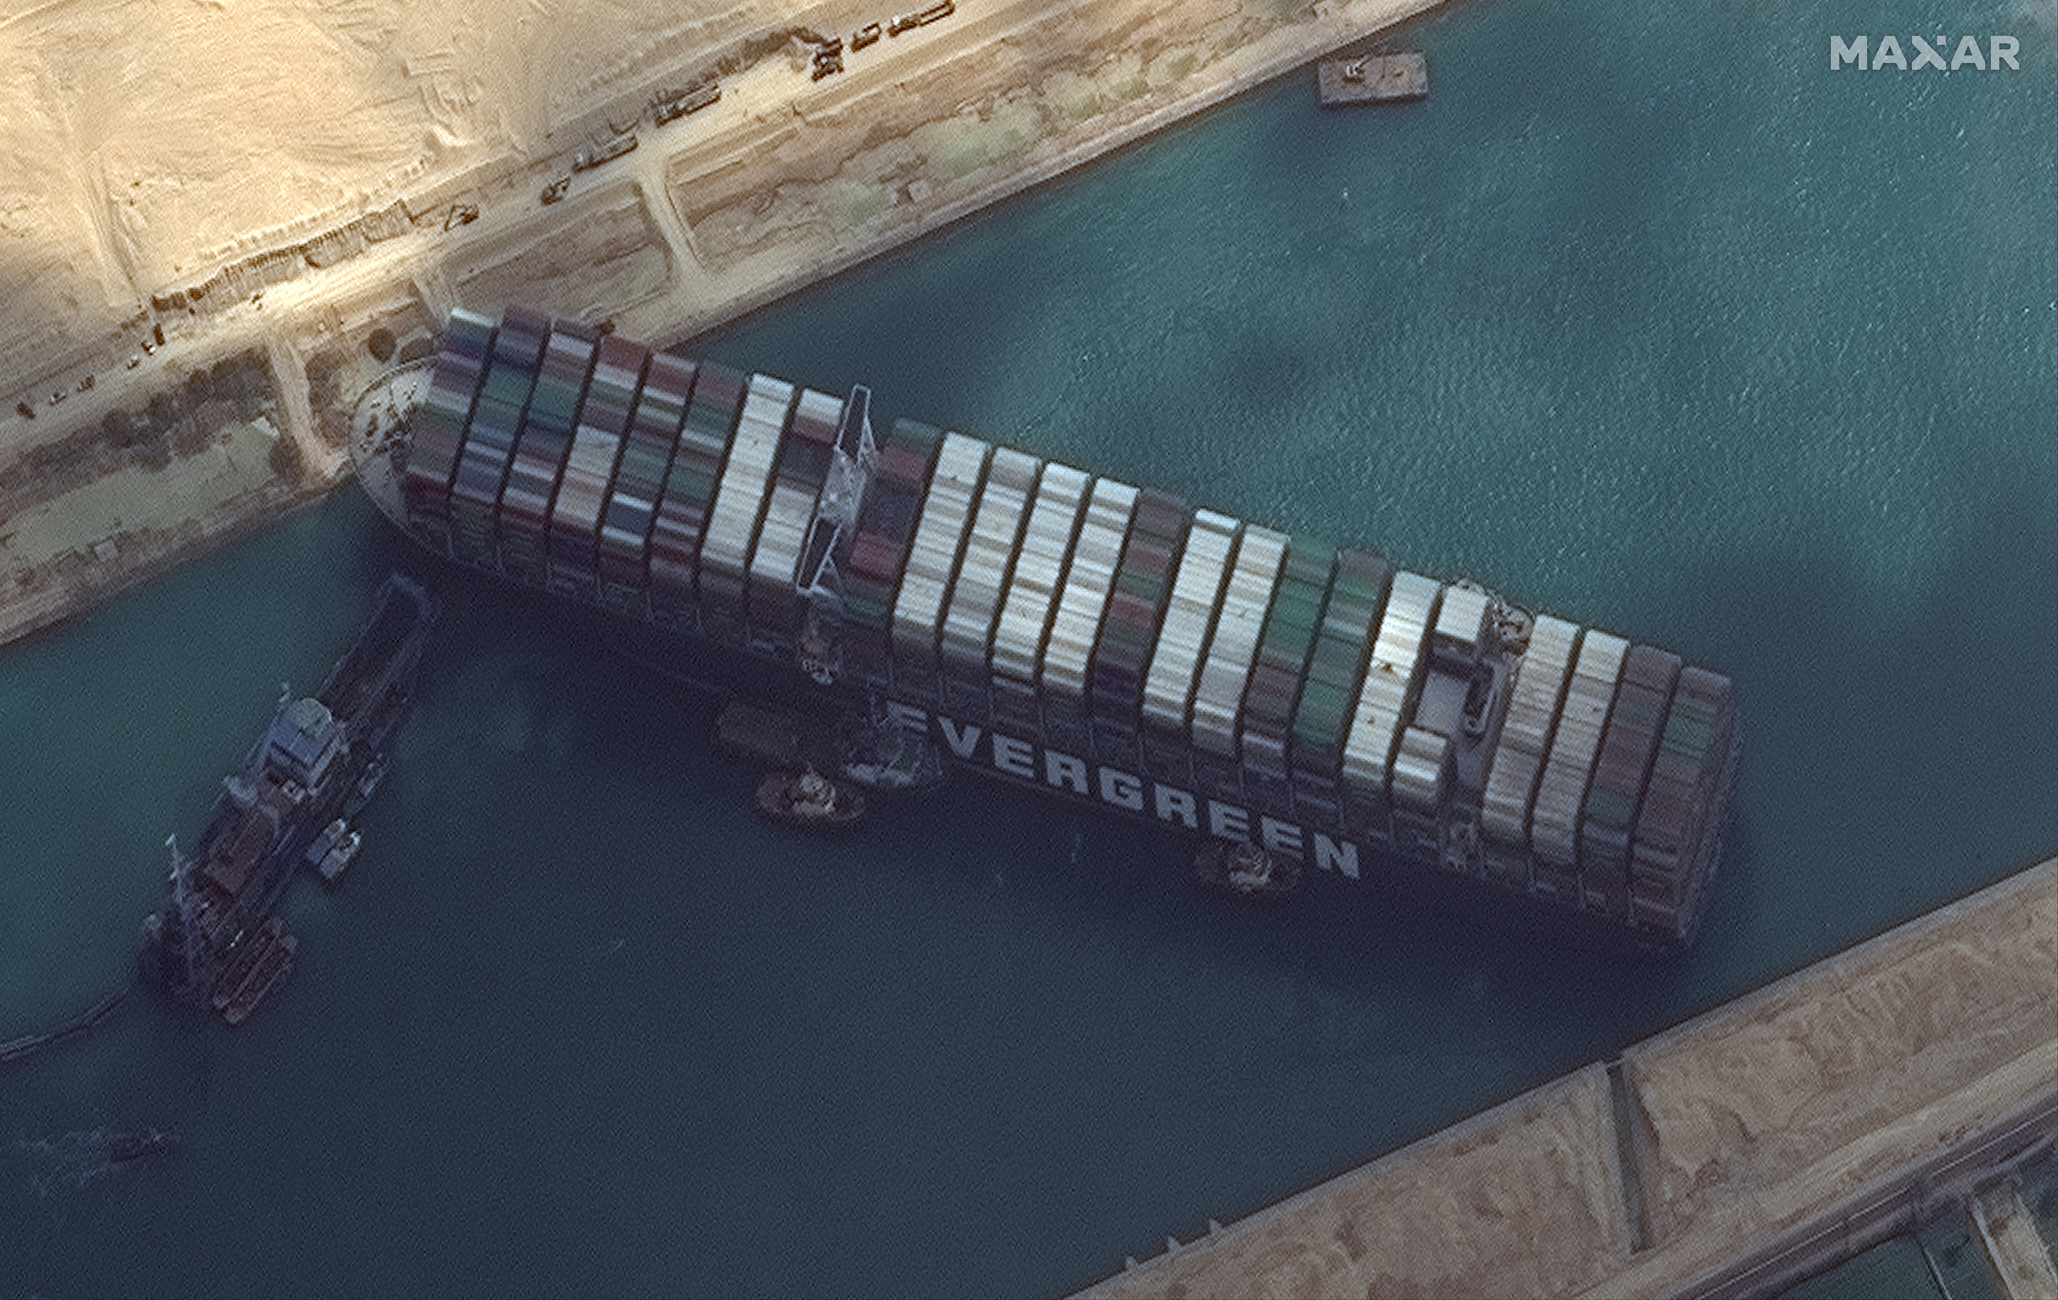 Διώρυγα Σουέζ: Συνεχίζεται η επιχείρηση ρυμούλκησης του γιγαντιαίου πλοίου (pics)